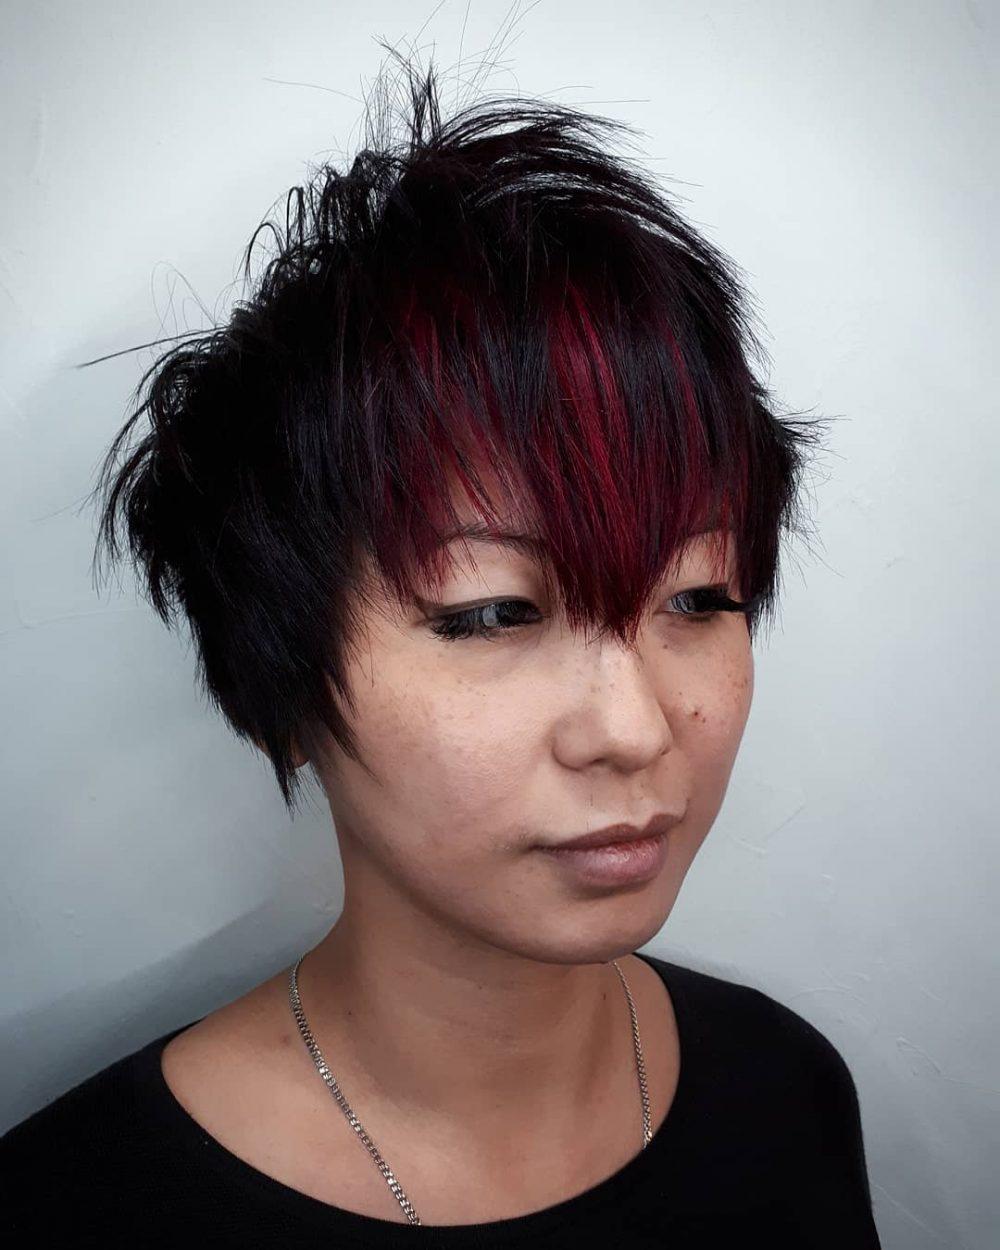 corte de pelo corto pixie desordenado para chica asiática